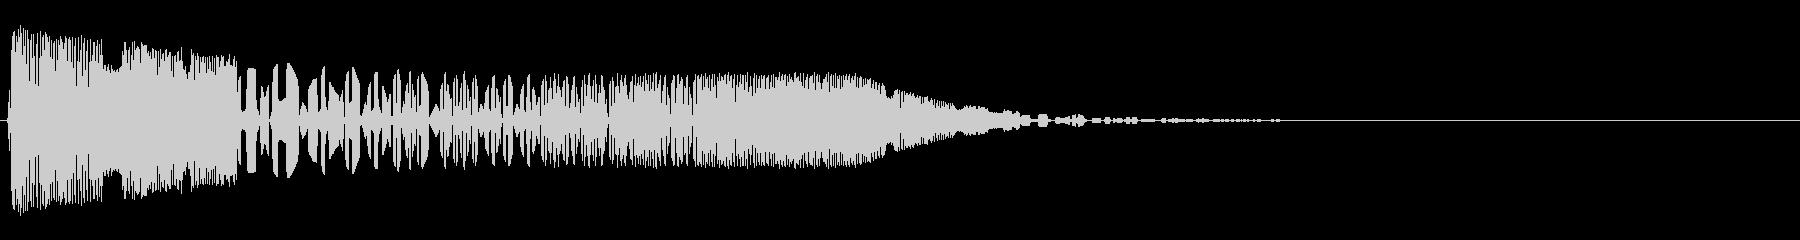 バシャッ02(水・液体系のアクション音)の未再生の波形